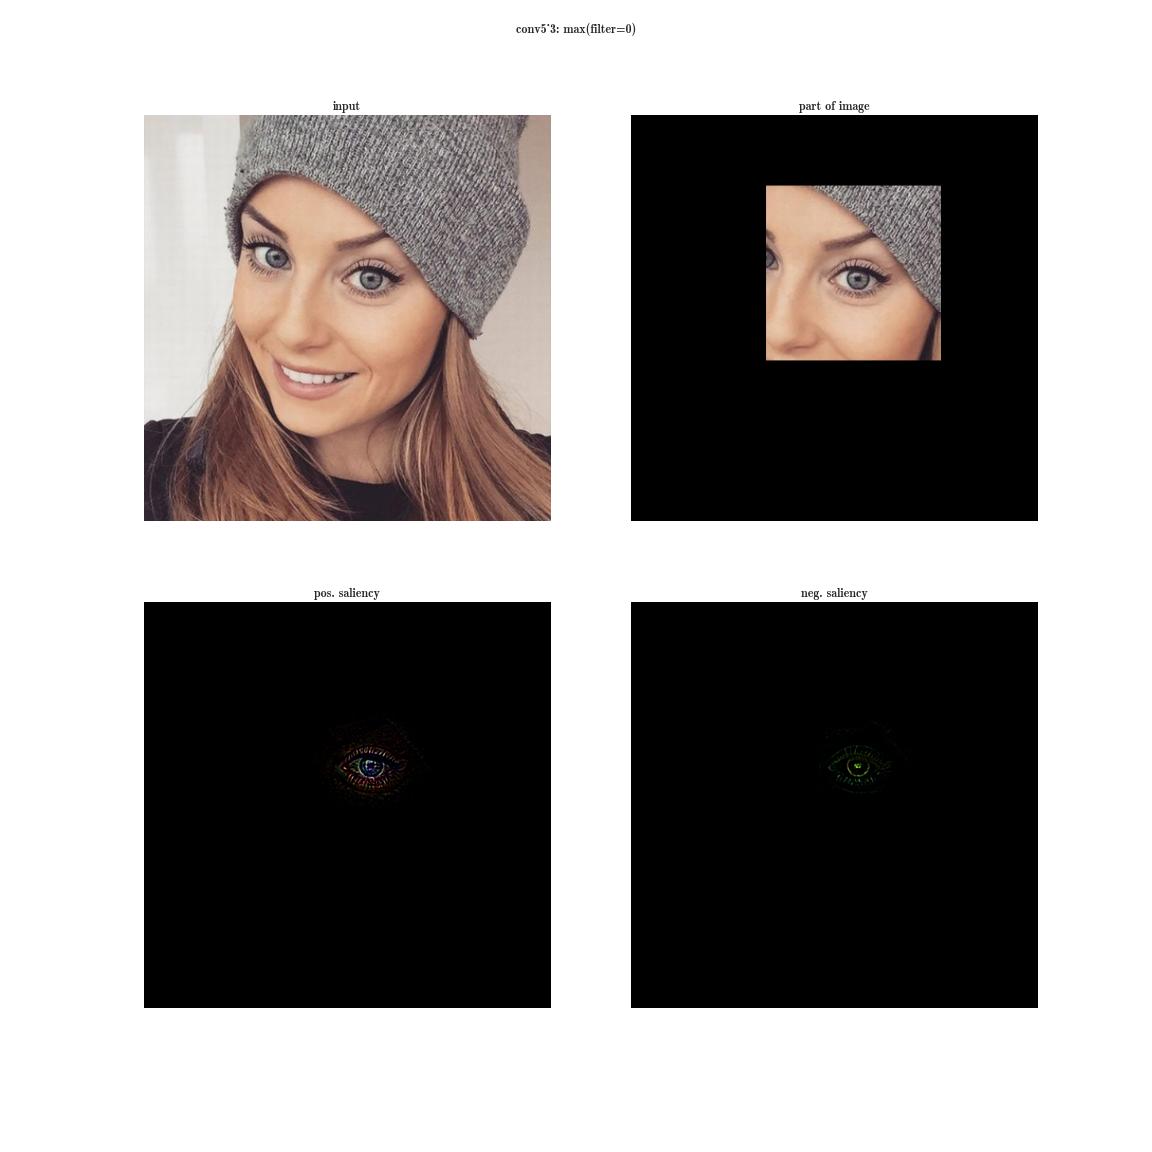 Стилизация изображений с помощью нейронных сетей: никакой мистики, просто матан - 20